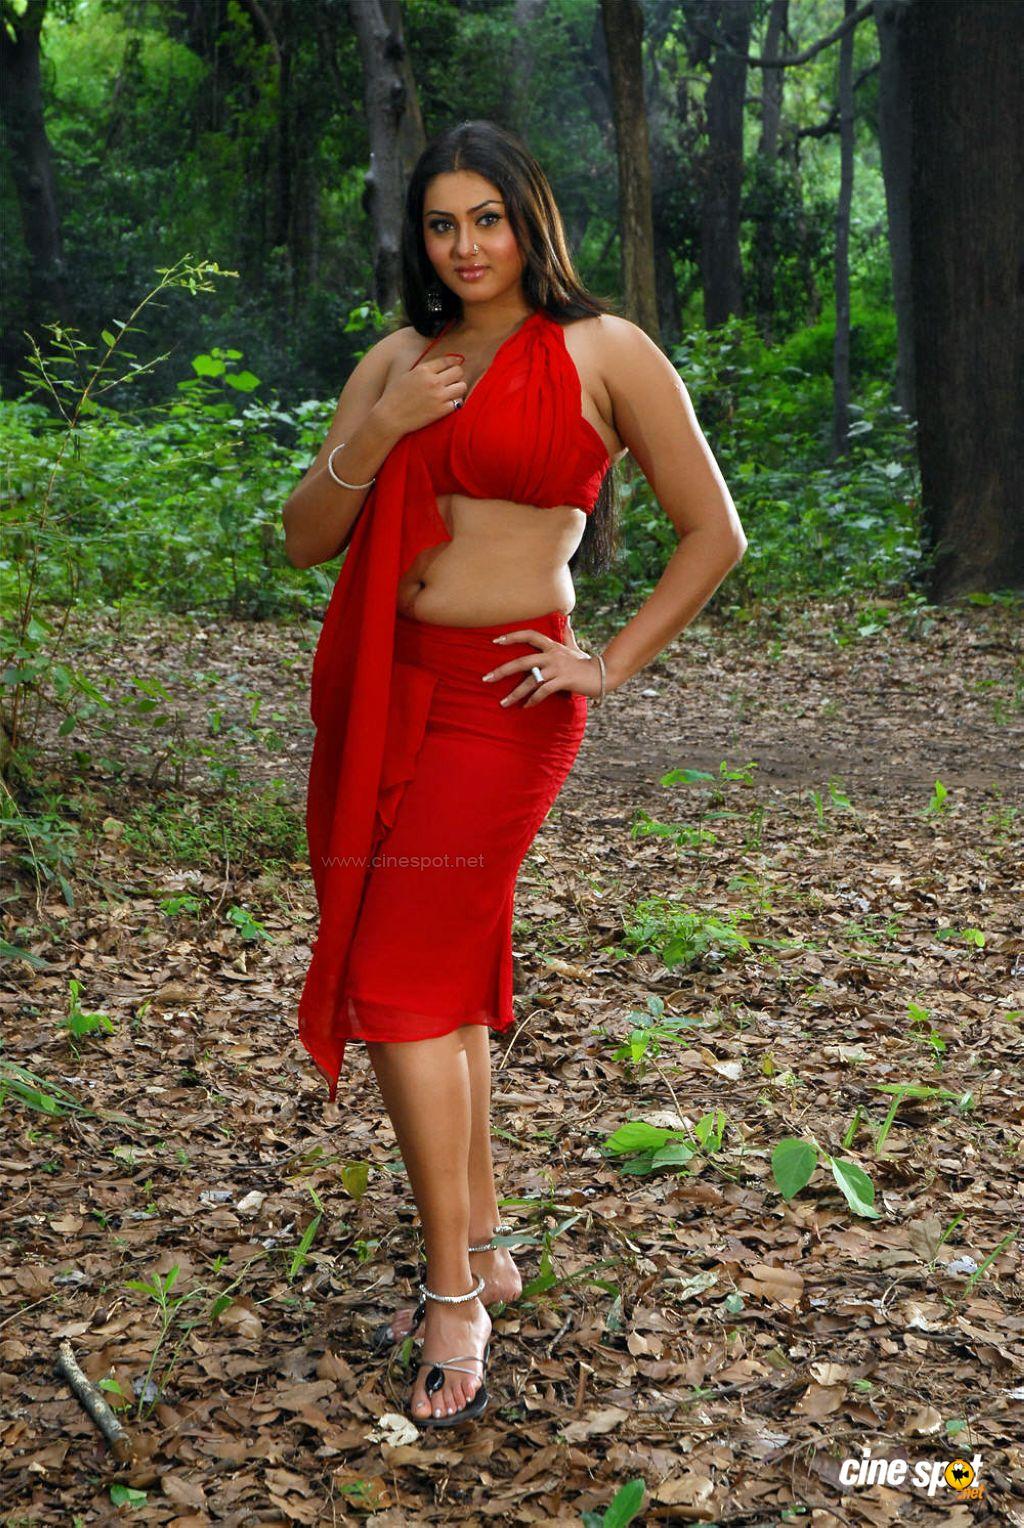 Actress Namitha Hot images: Unseen - 379.9KB